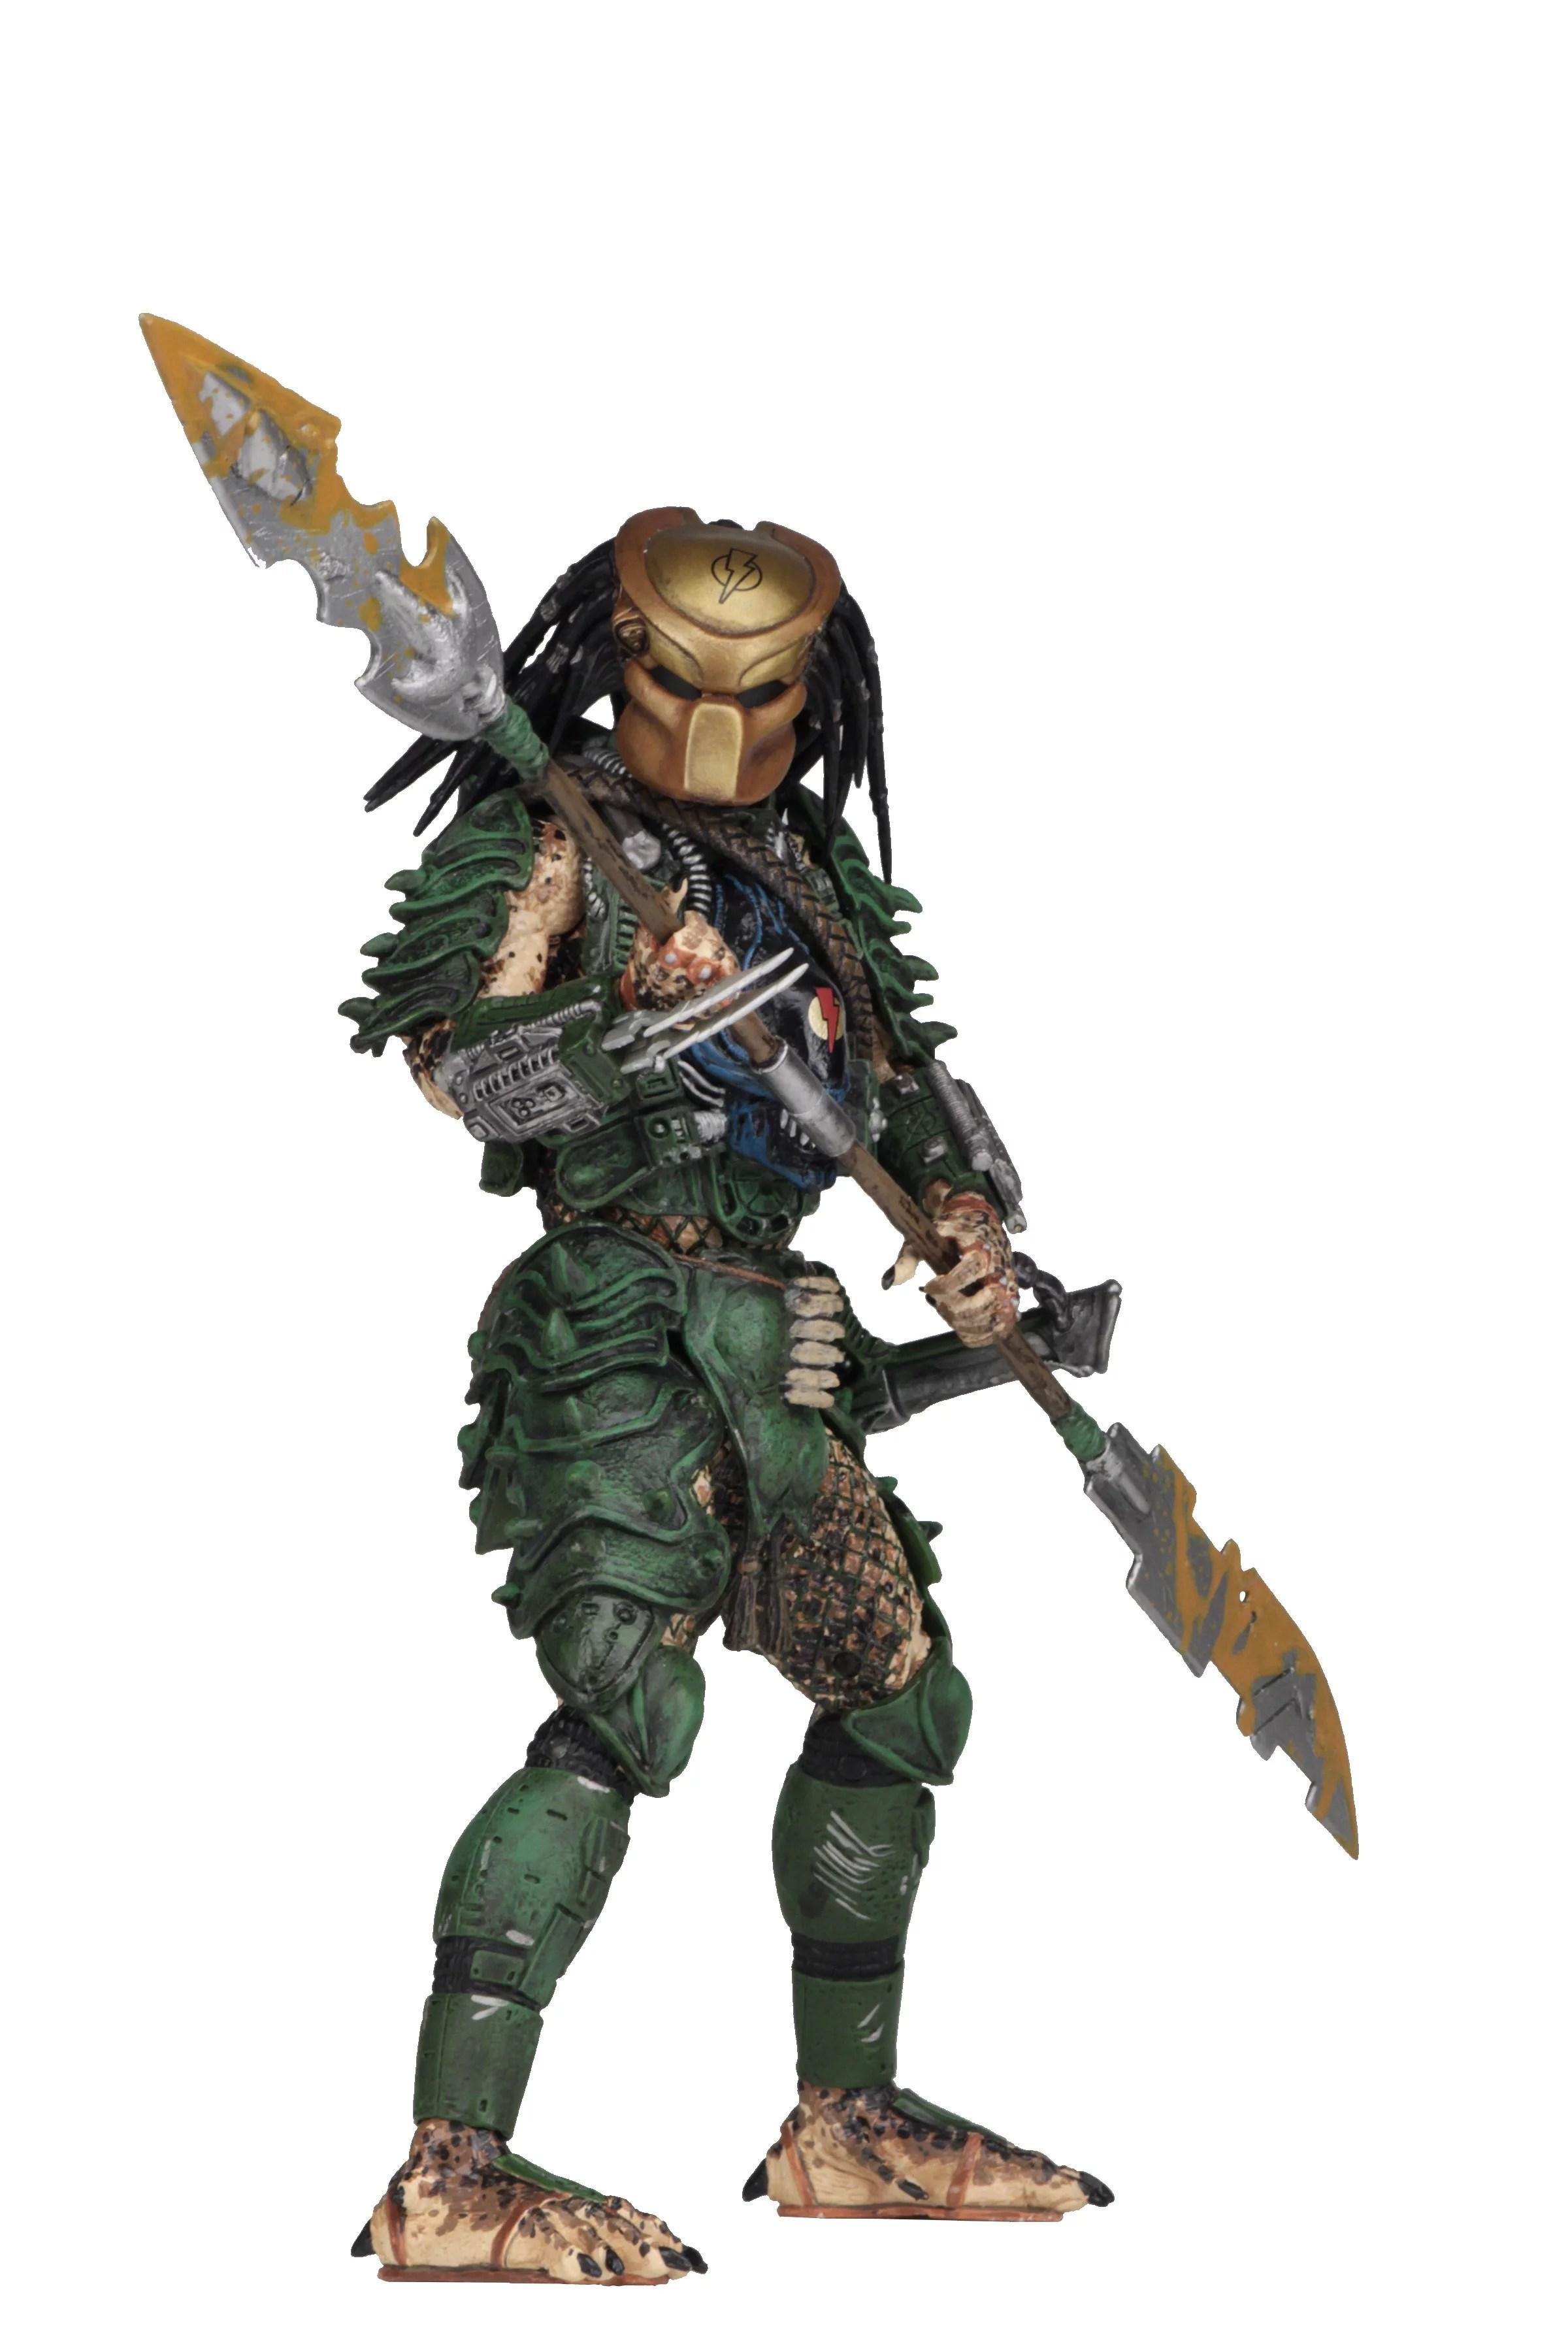 Predator 7 Scale Action Figures Series 18 Assortment Broken Tusk Predator Walmart Com Walmart Com